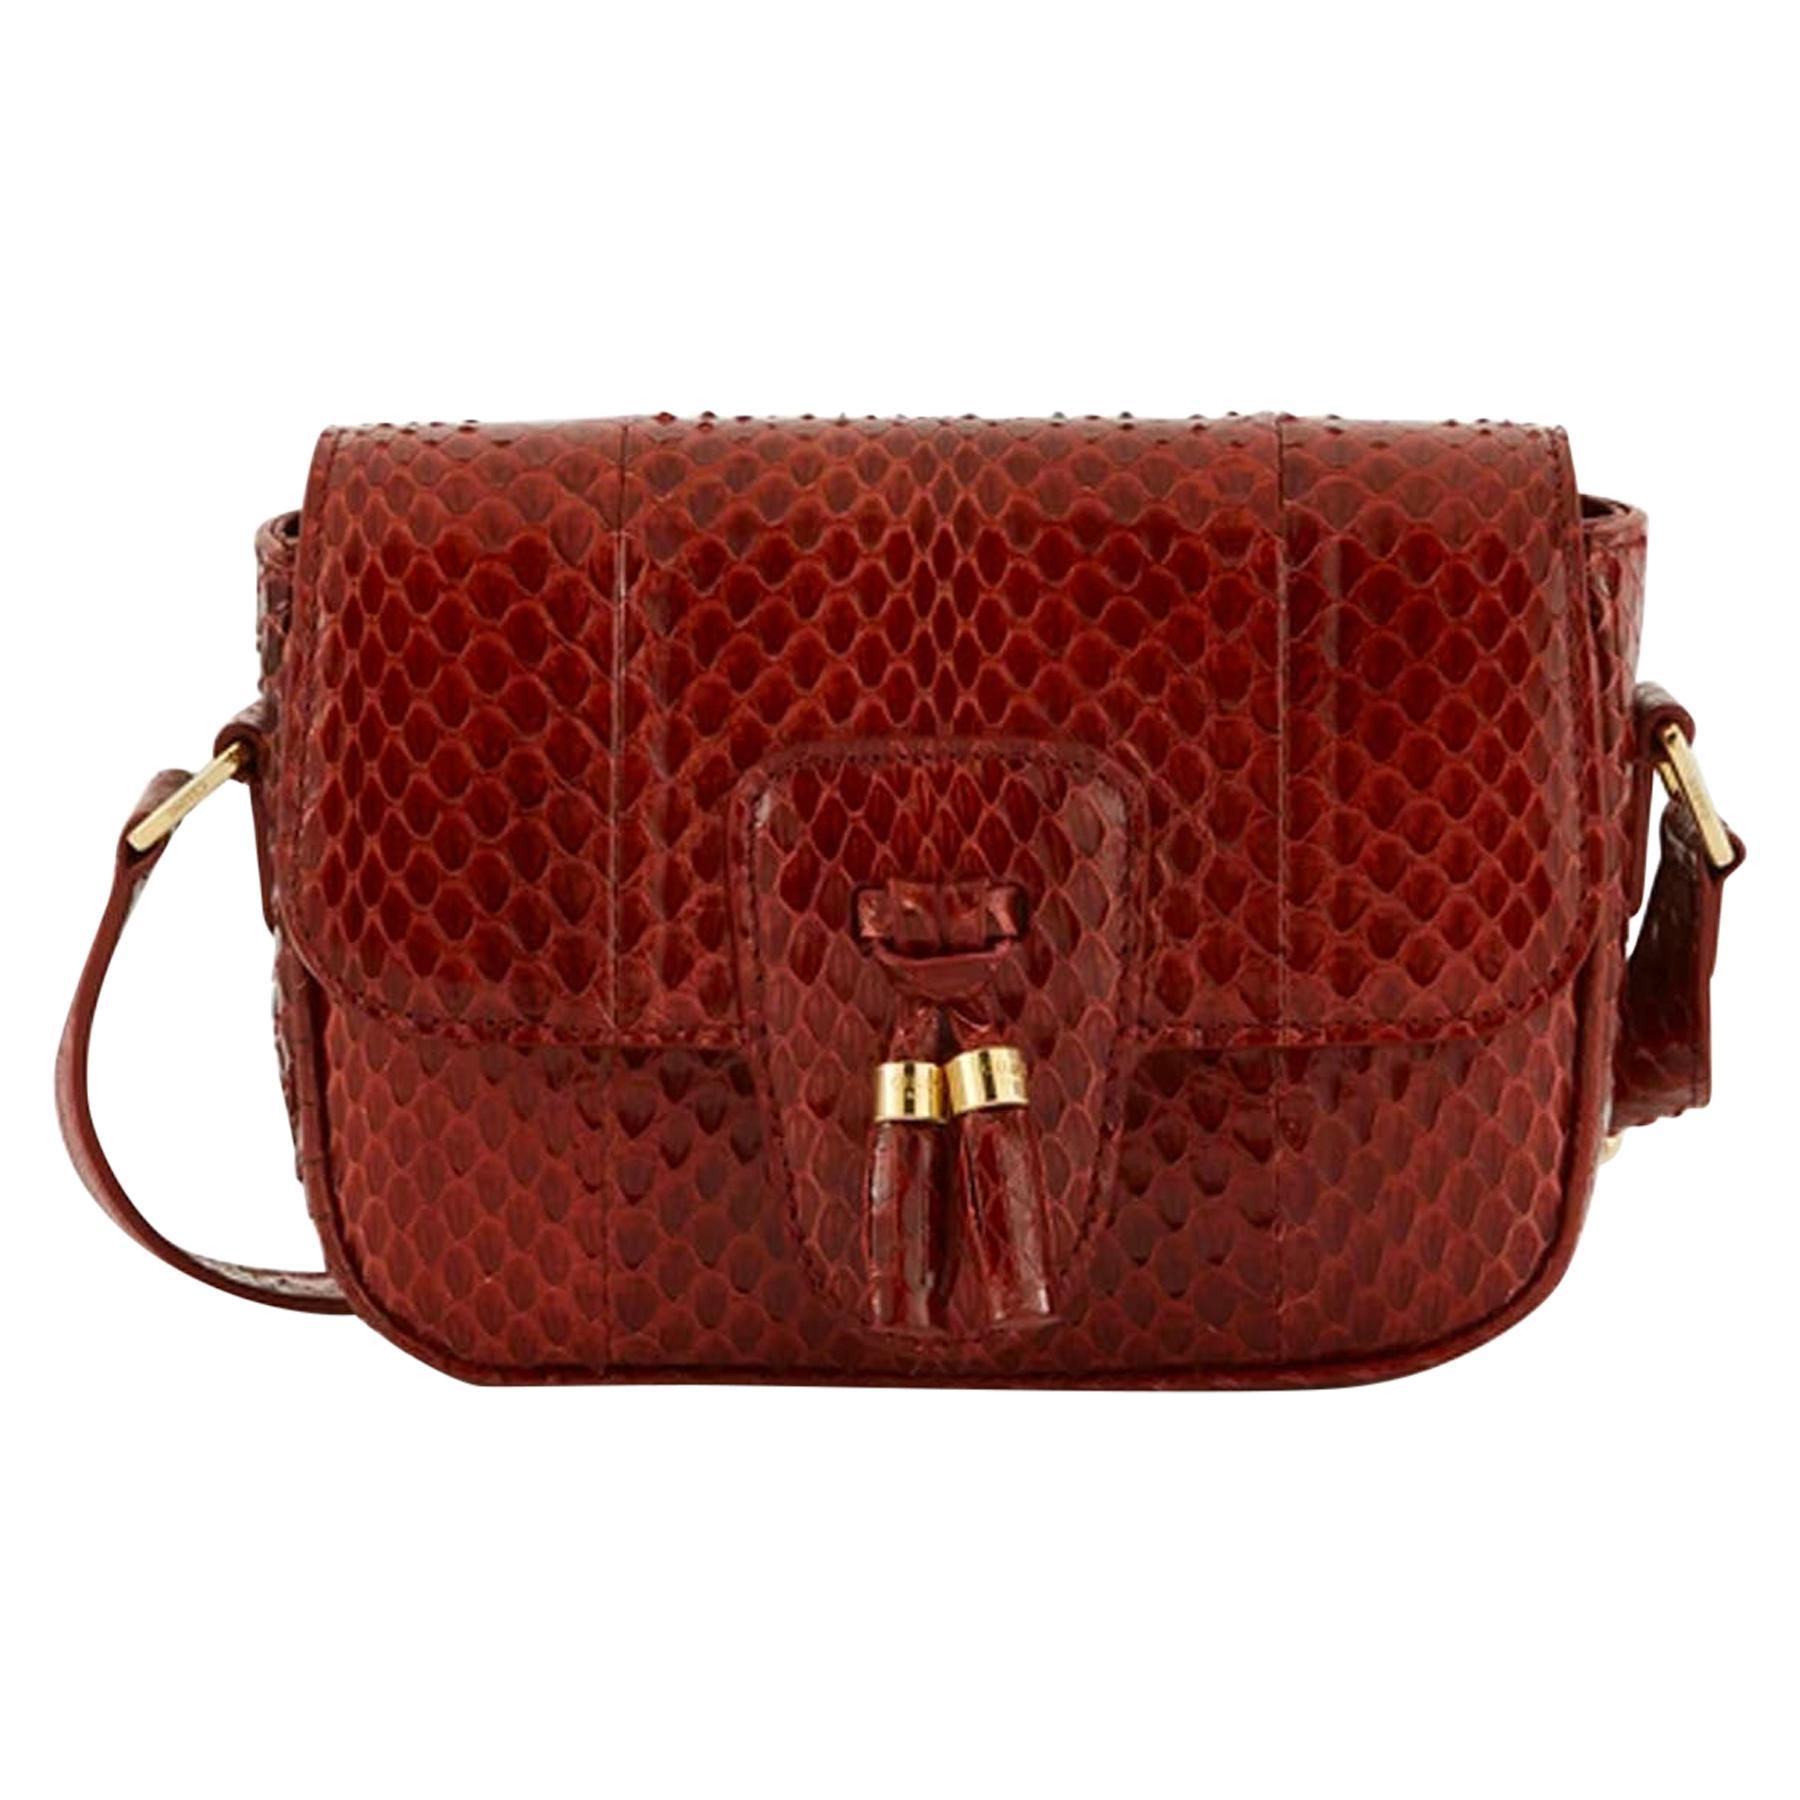 Celine Ruby Elaphe Snakeskin Mini Teen Tassels Crossbody Bag rt. $1,950